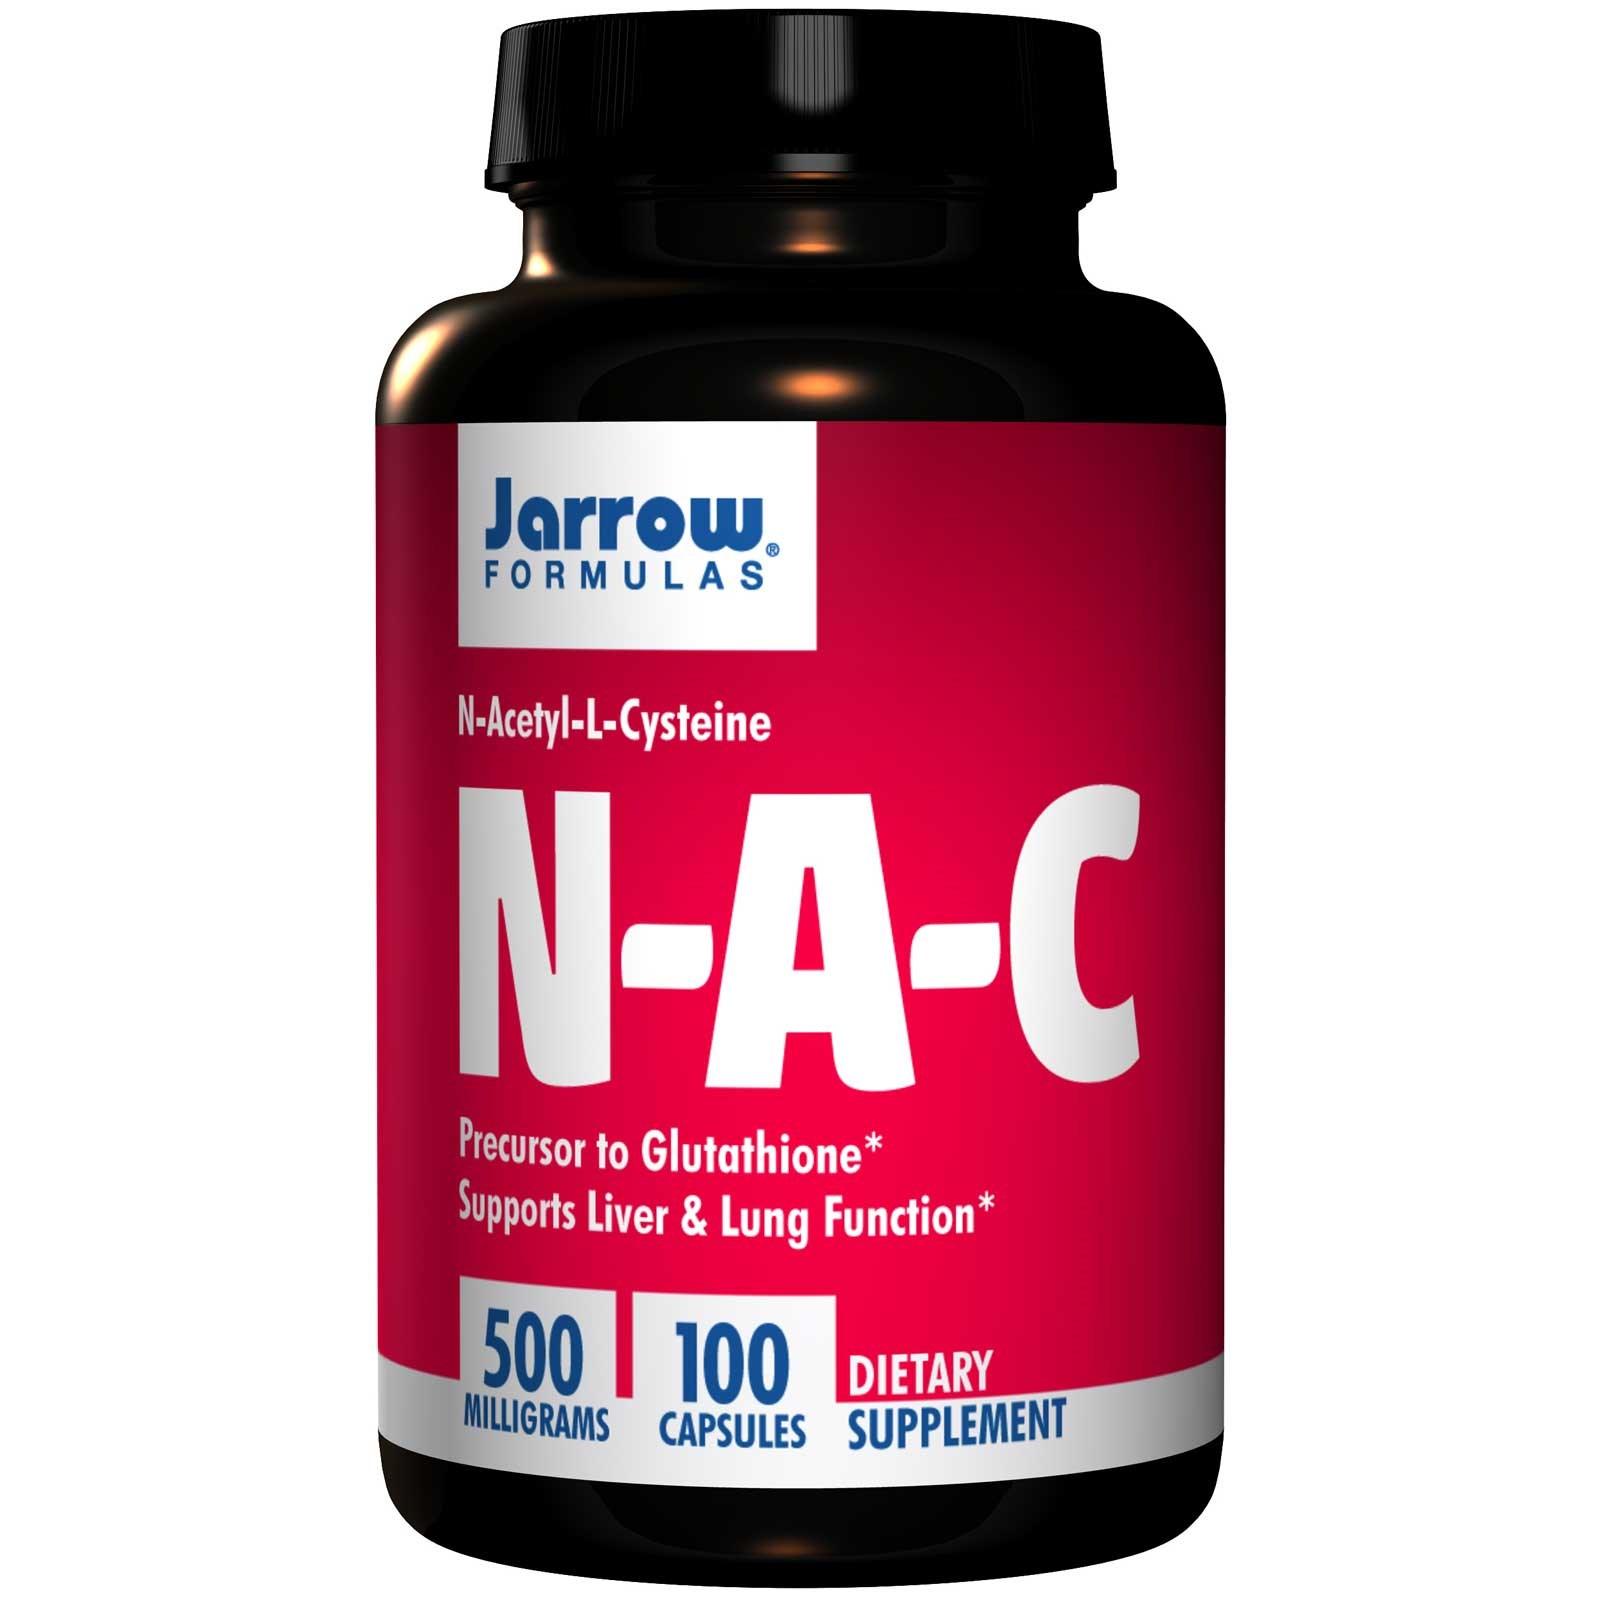 Image of N-A-C N-Acetyl-L-Cysteine 500 mg (100 Capsules) - Jarrow Formulas 0790011070023